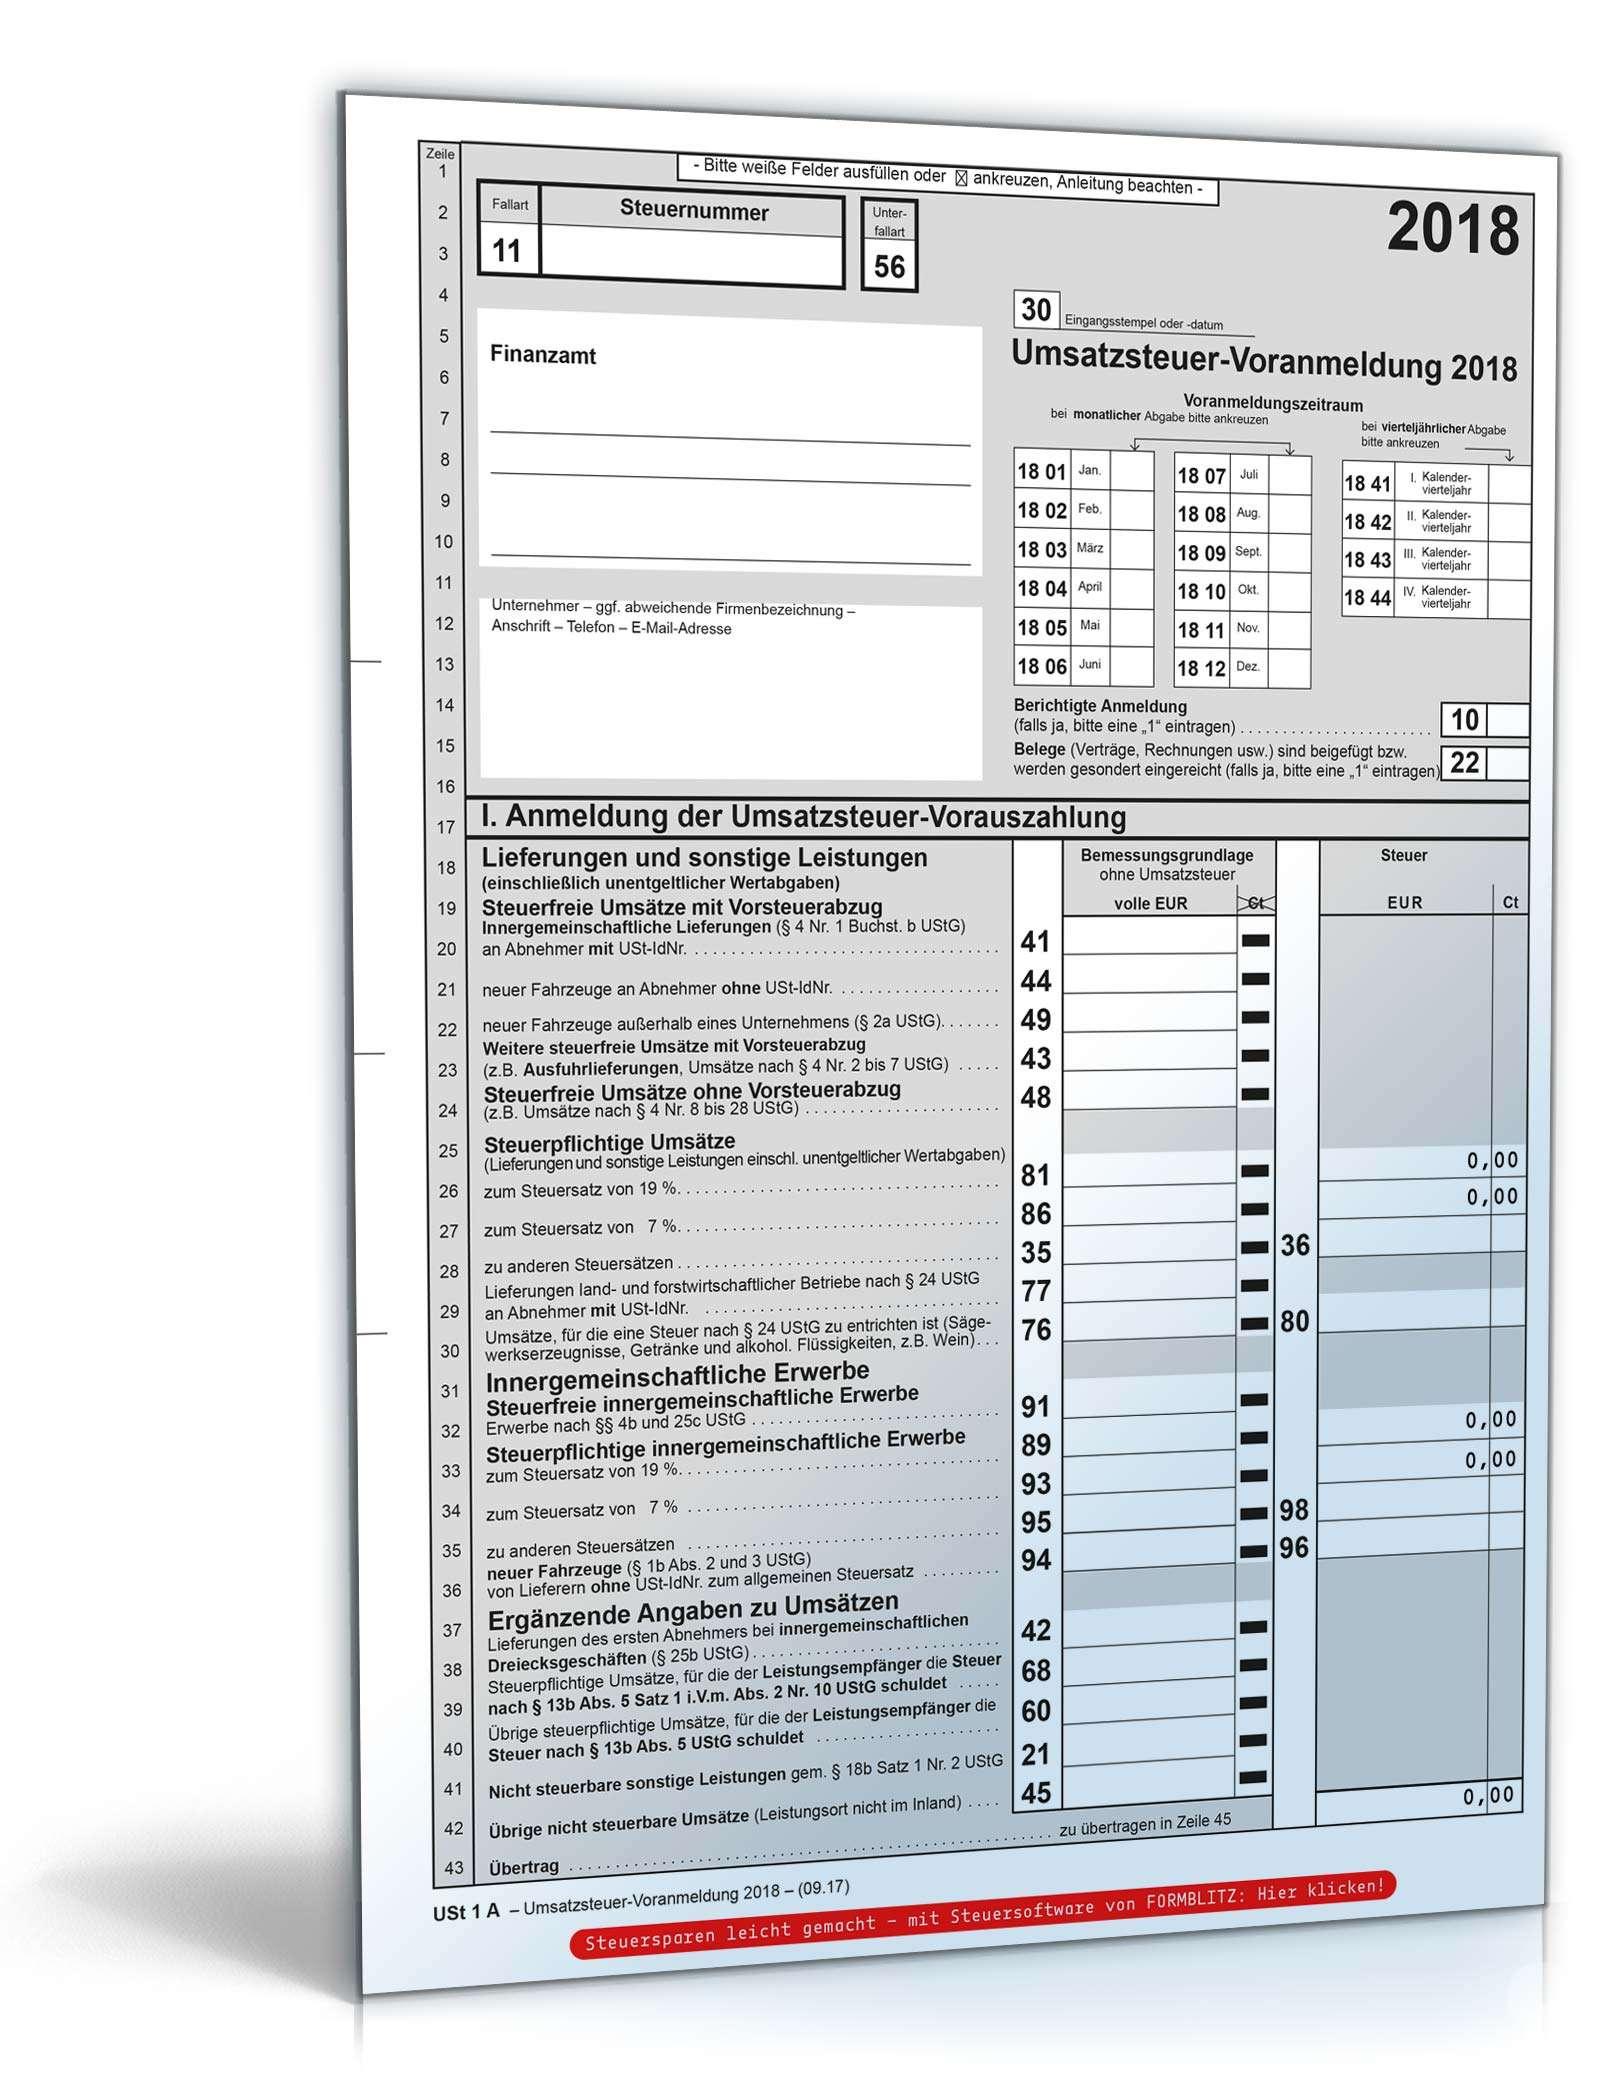 Umsatzsteuer Voranmeldung 2018 Steuerformular Zum Download